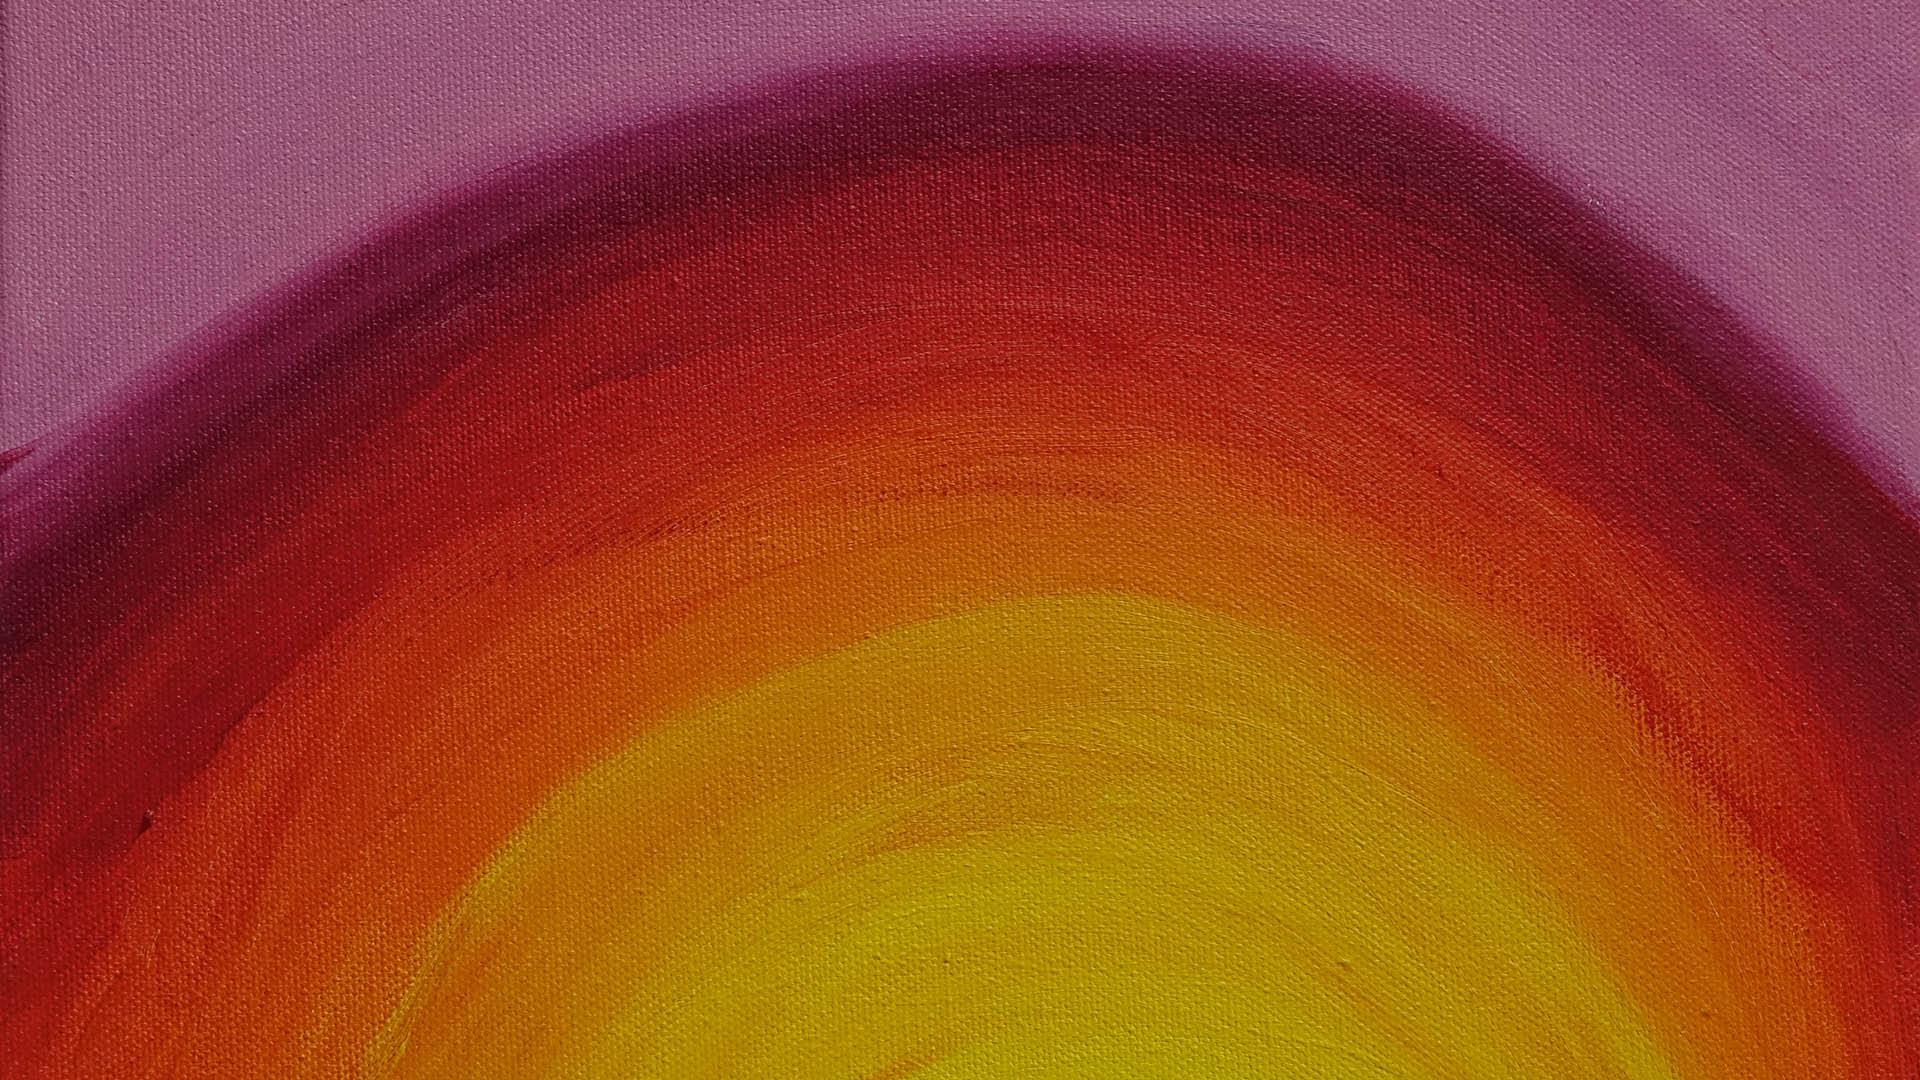 """Kurz vor seinem Tod wollte Tobias Roller nur noch in """"Sonnenfarben"""" malen – so wie diesen Regenbogen. Das Buch """"Sonnenfarben"""" über Tobias' kurzes Leben ist erschienen bei SCM Hänssler, 272 Seiten, 19,99 Euro, ISBN 9783775160186. Mehr zu Tobias: tobias-roller.de"""